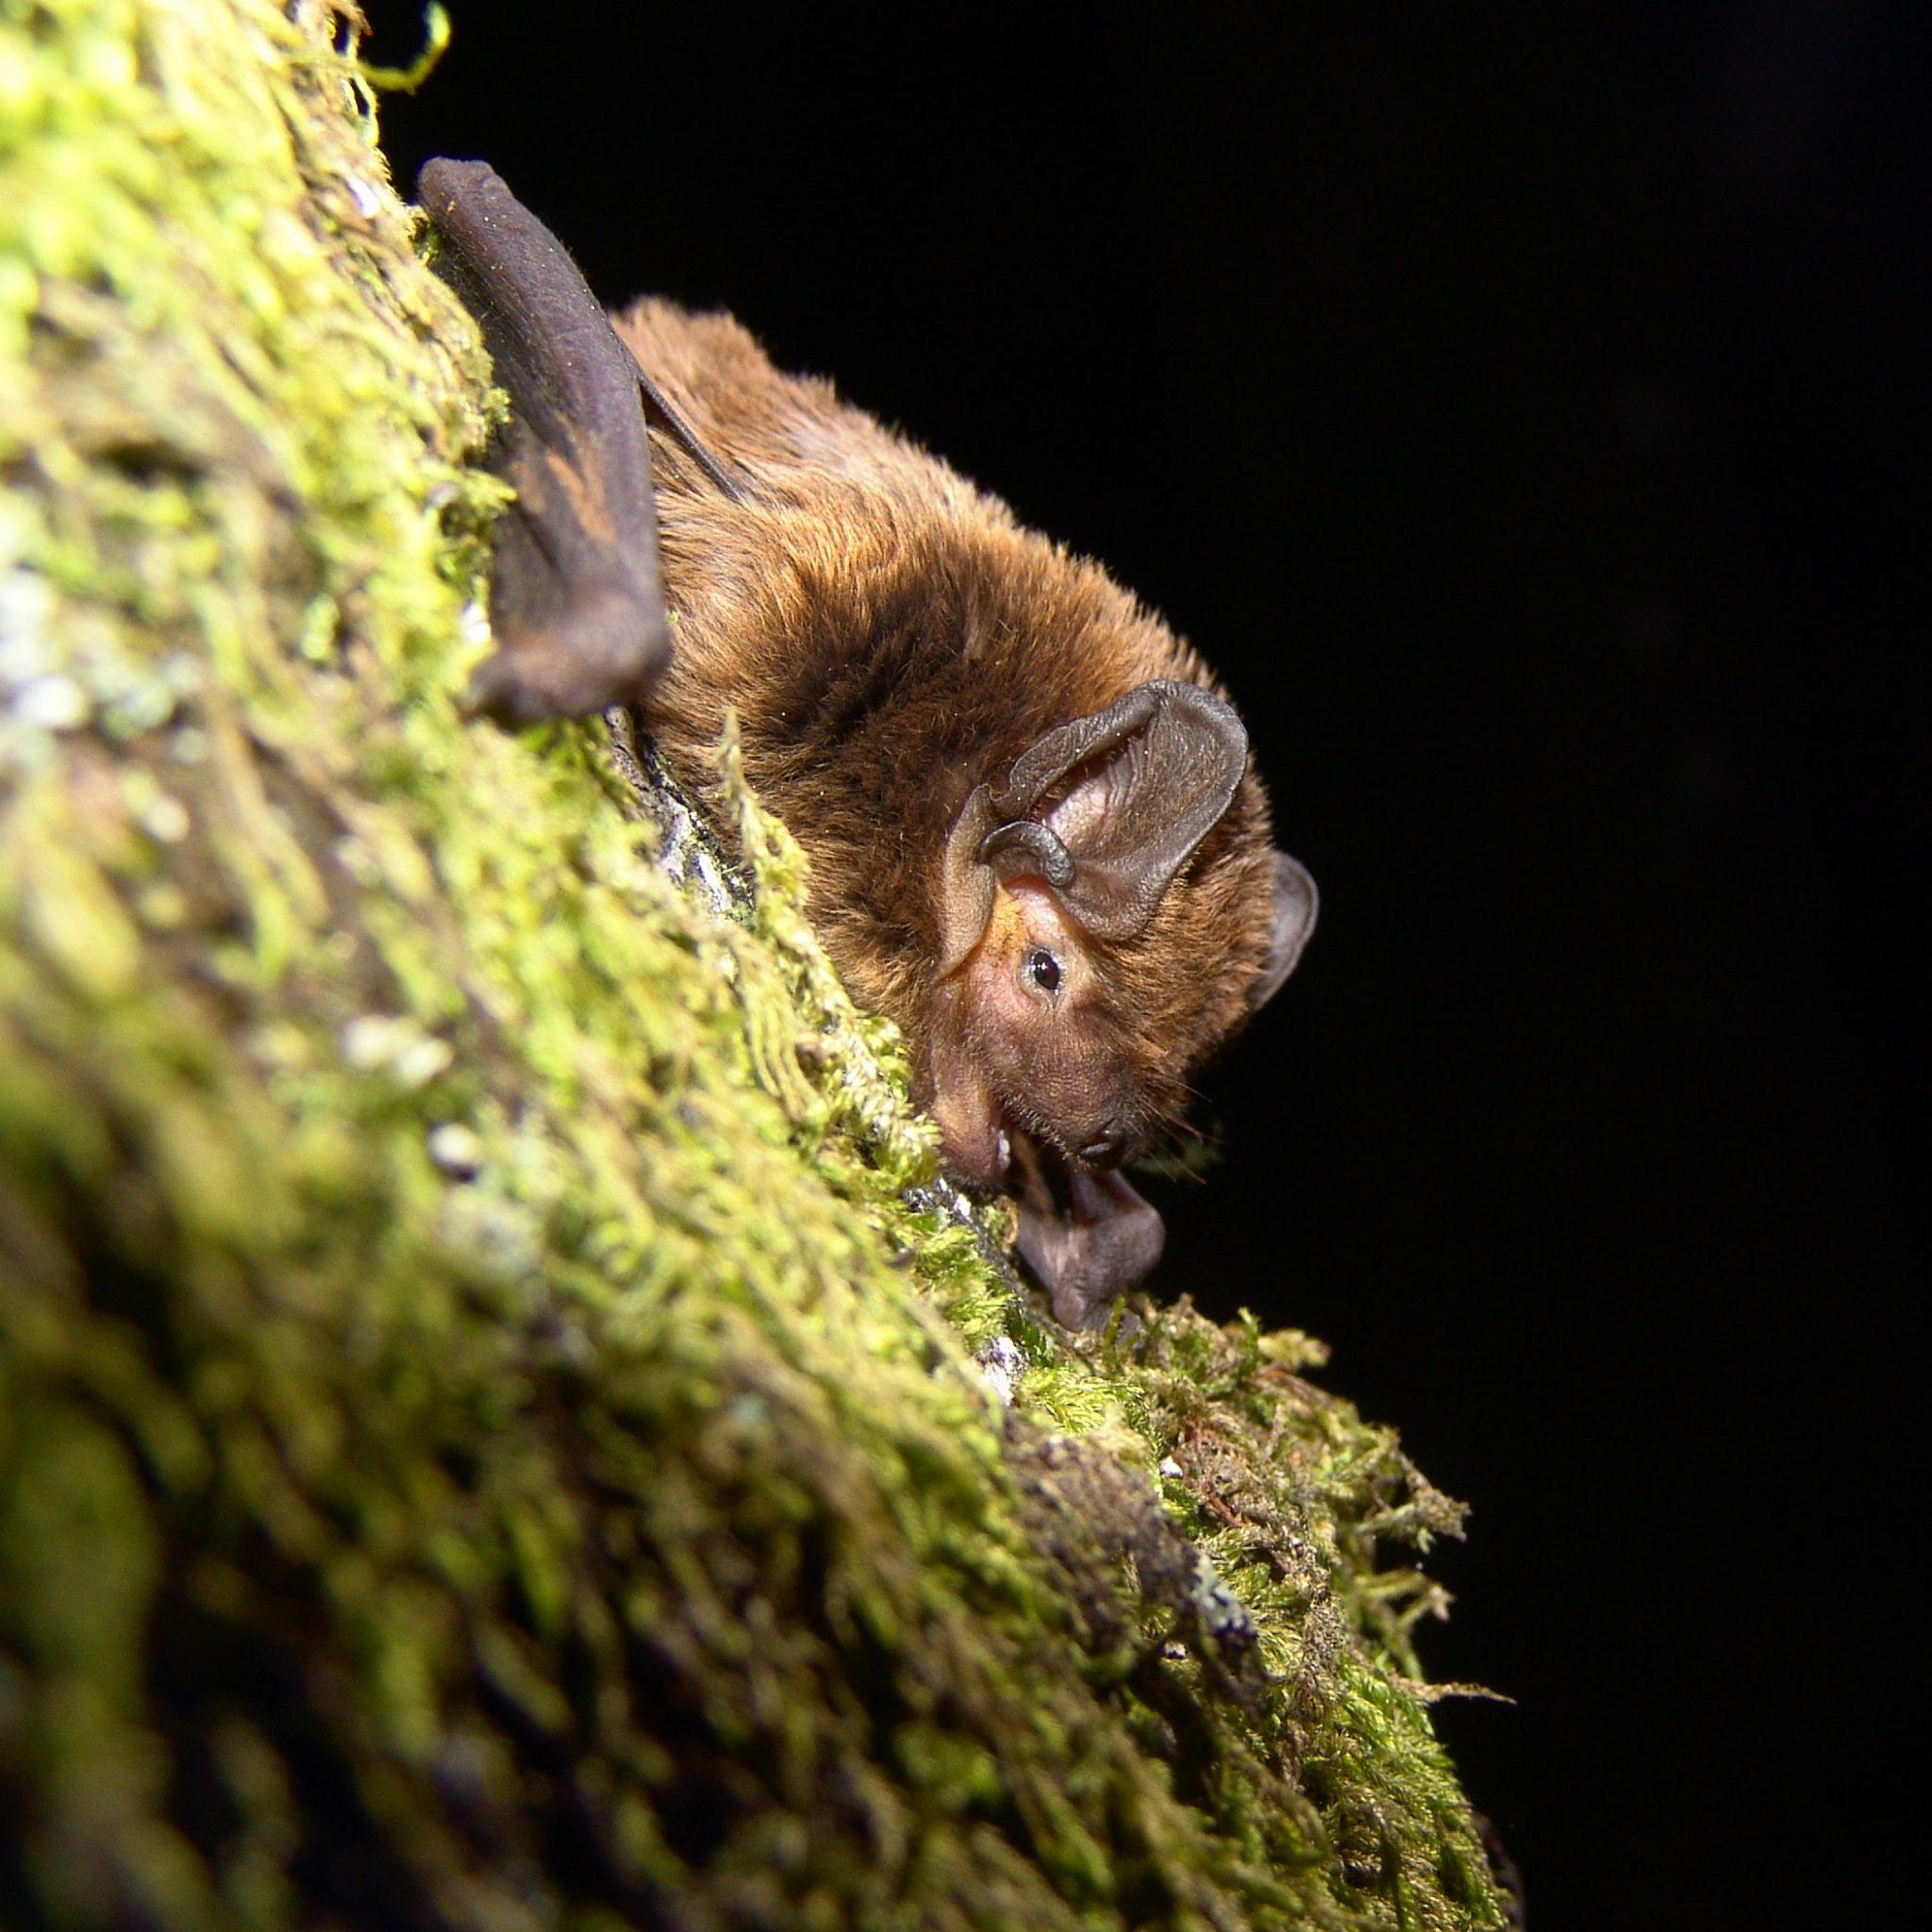 Morcego-arborícola-pequeno (Nyctalus leisleri) © Paulo Barros